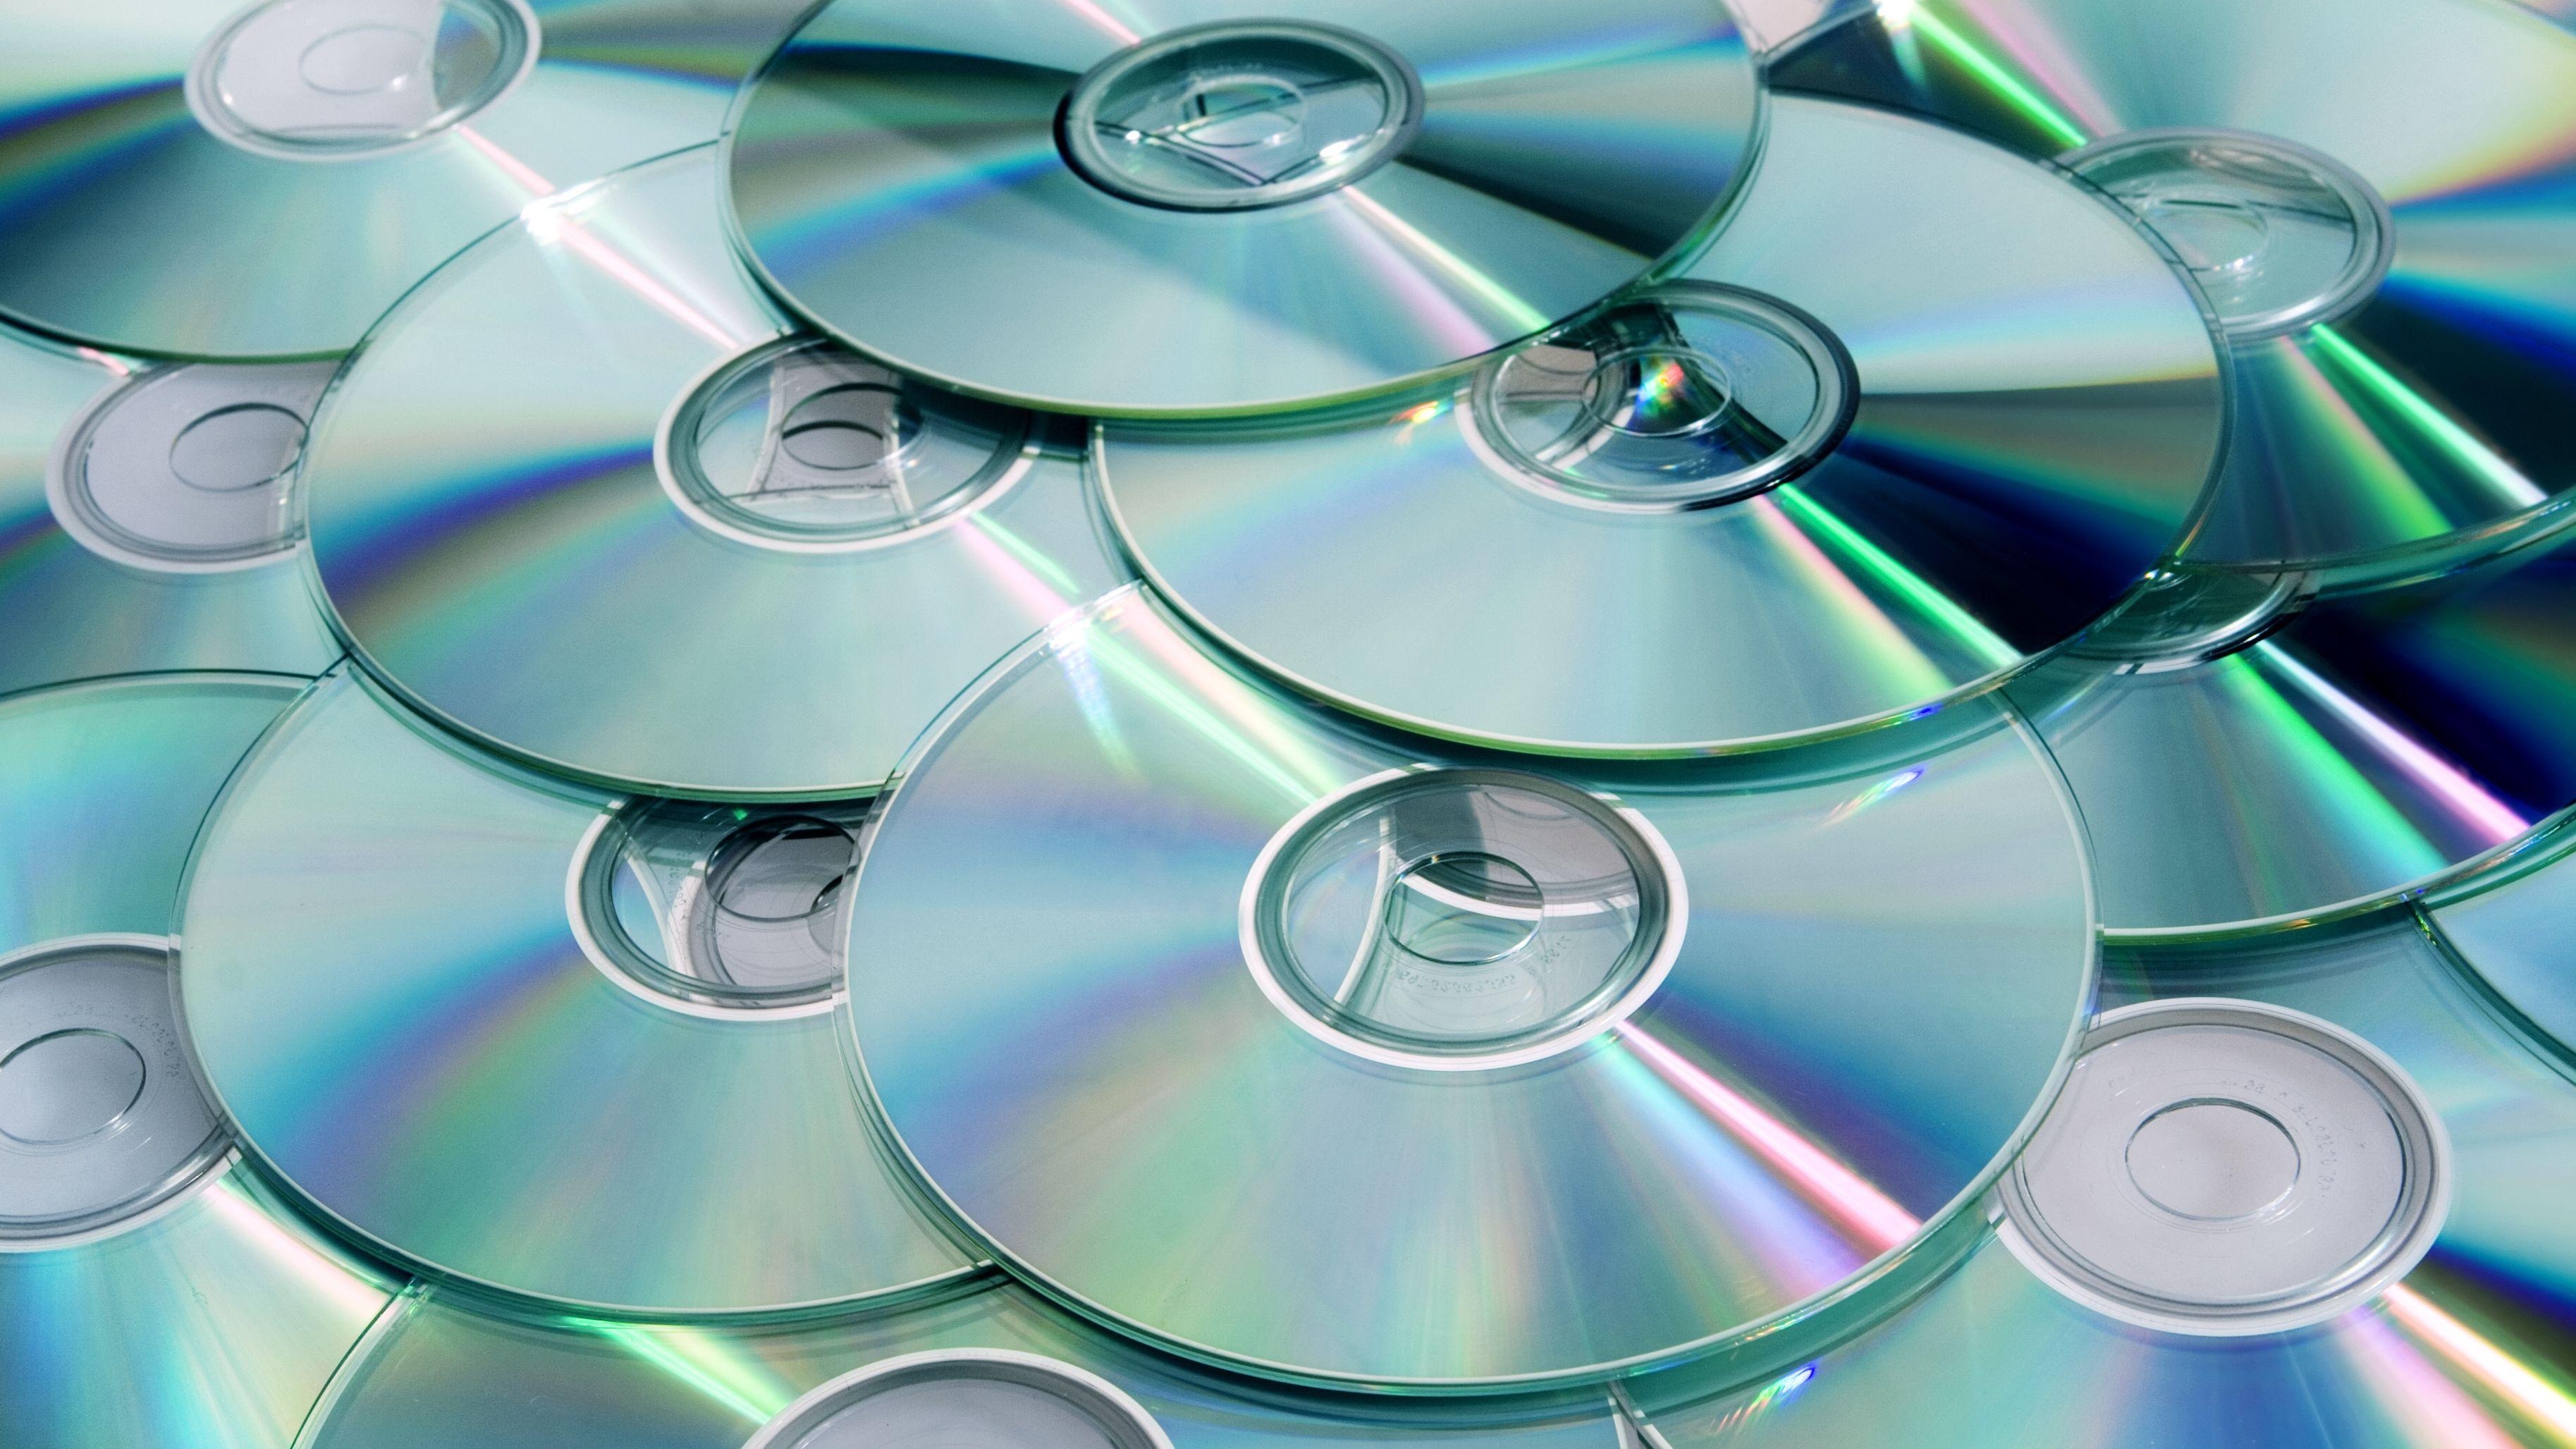 Skal lage ny disk med ekstra høy kapasitet